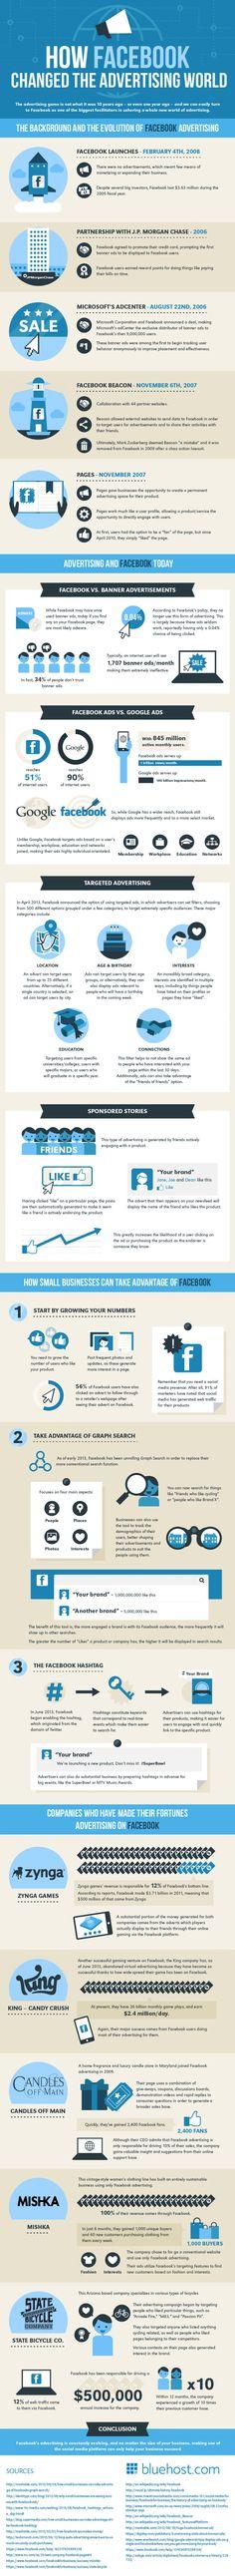 [Infographie] Comment Facebook a changé la publicité? #webmarketing #Facebook #Infographics #infographie